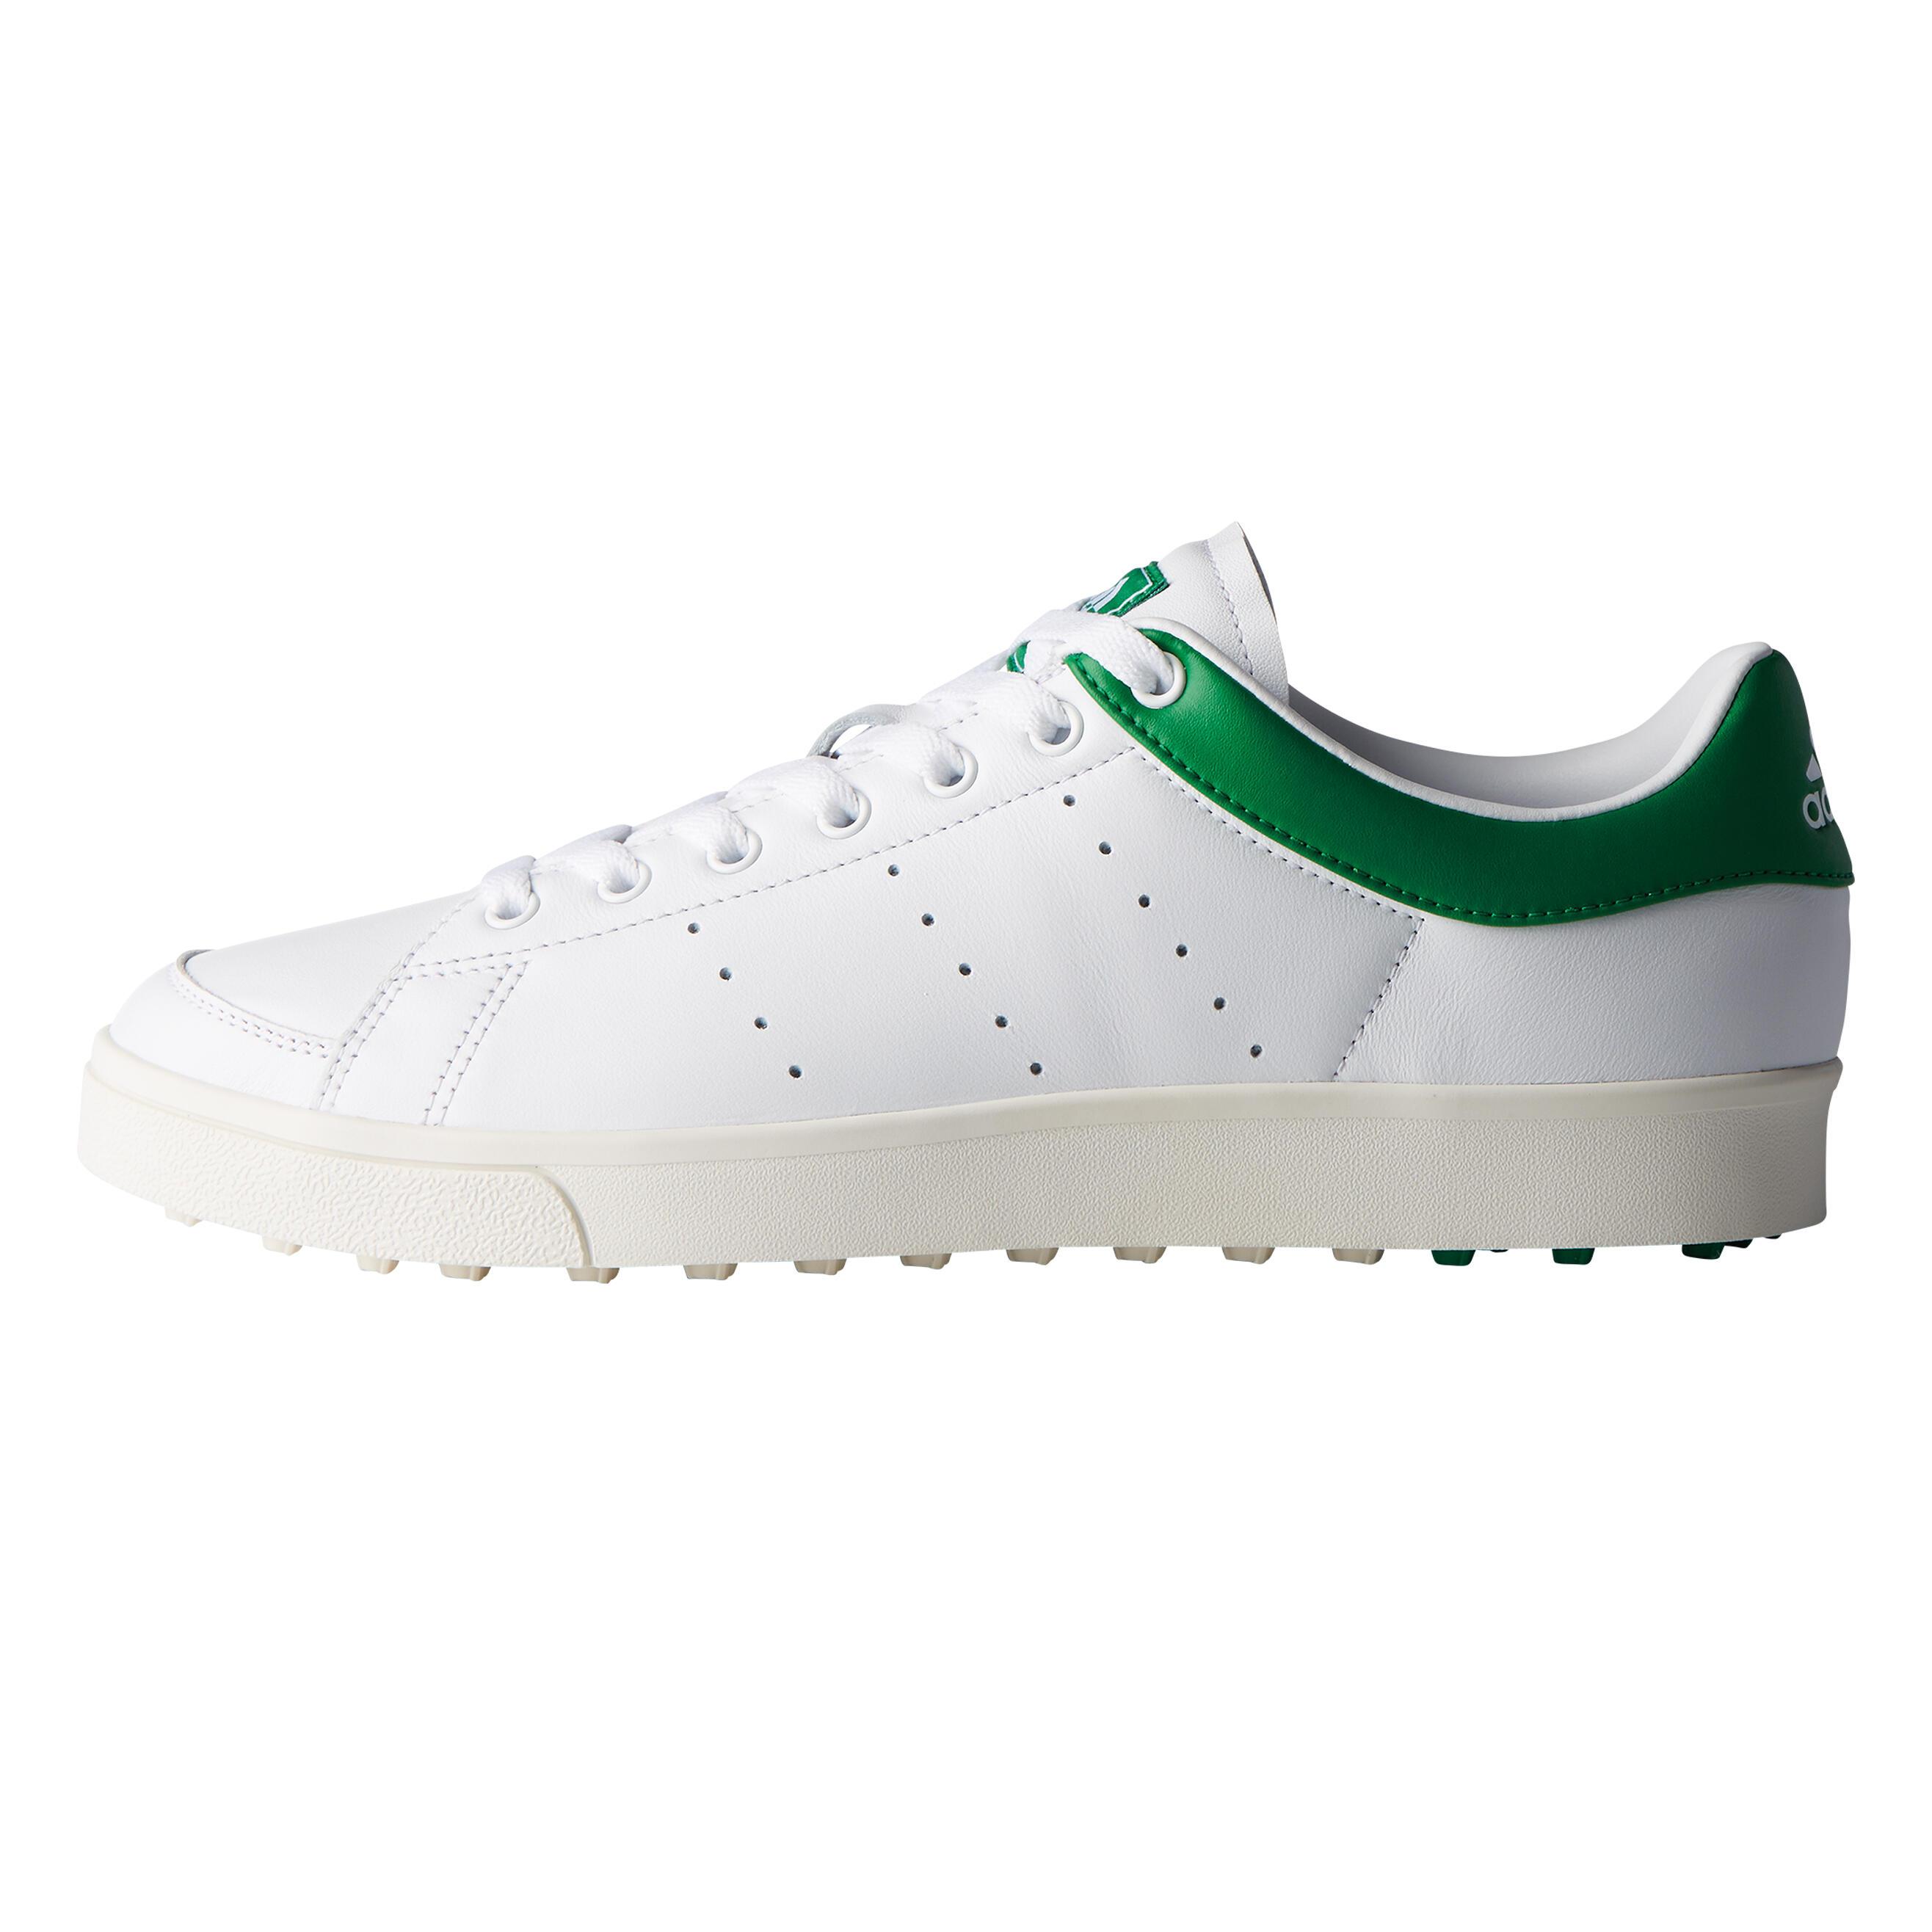 adidas scarpe uomo classic